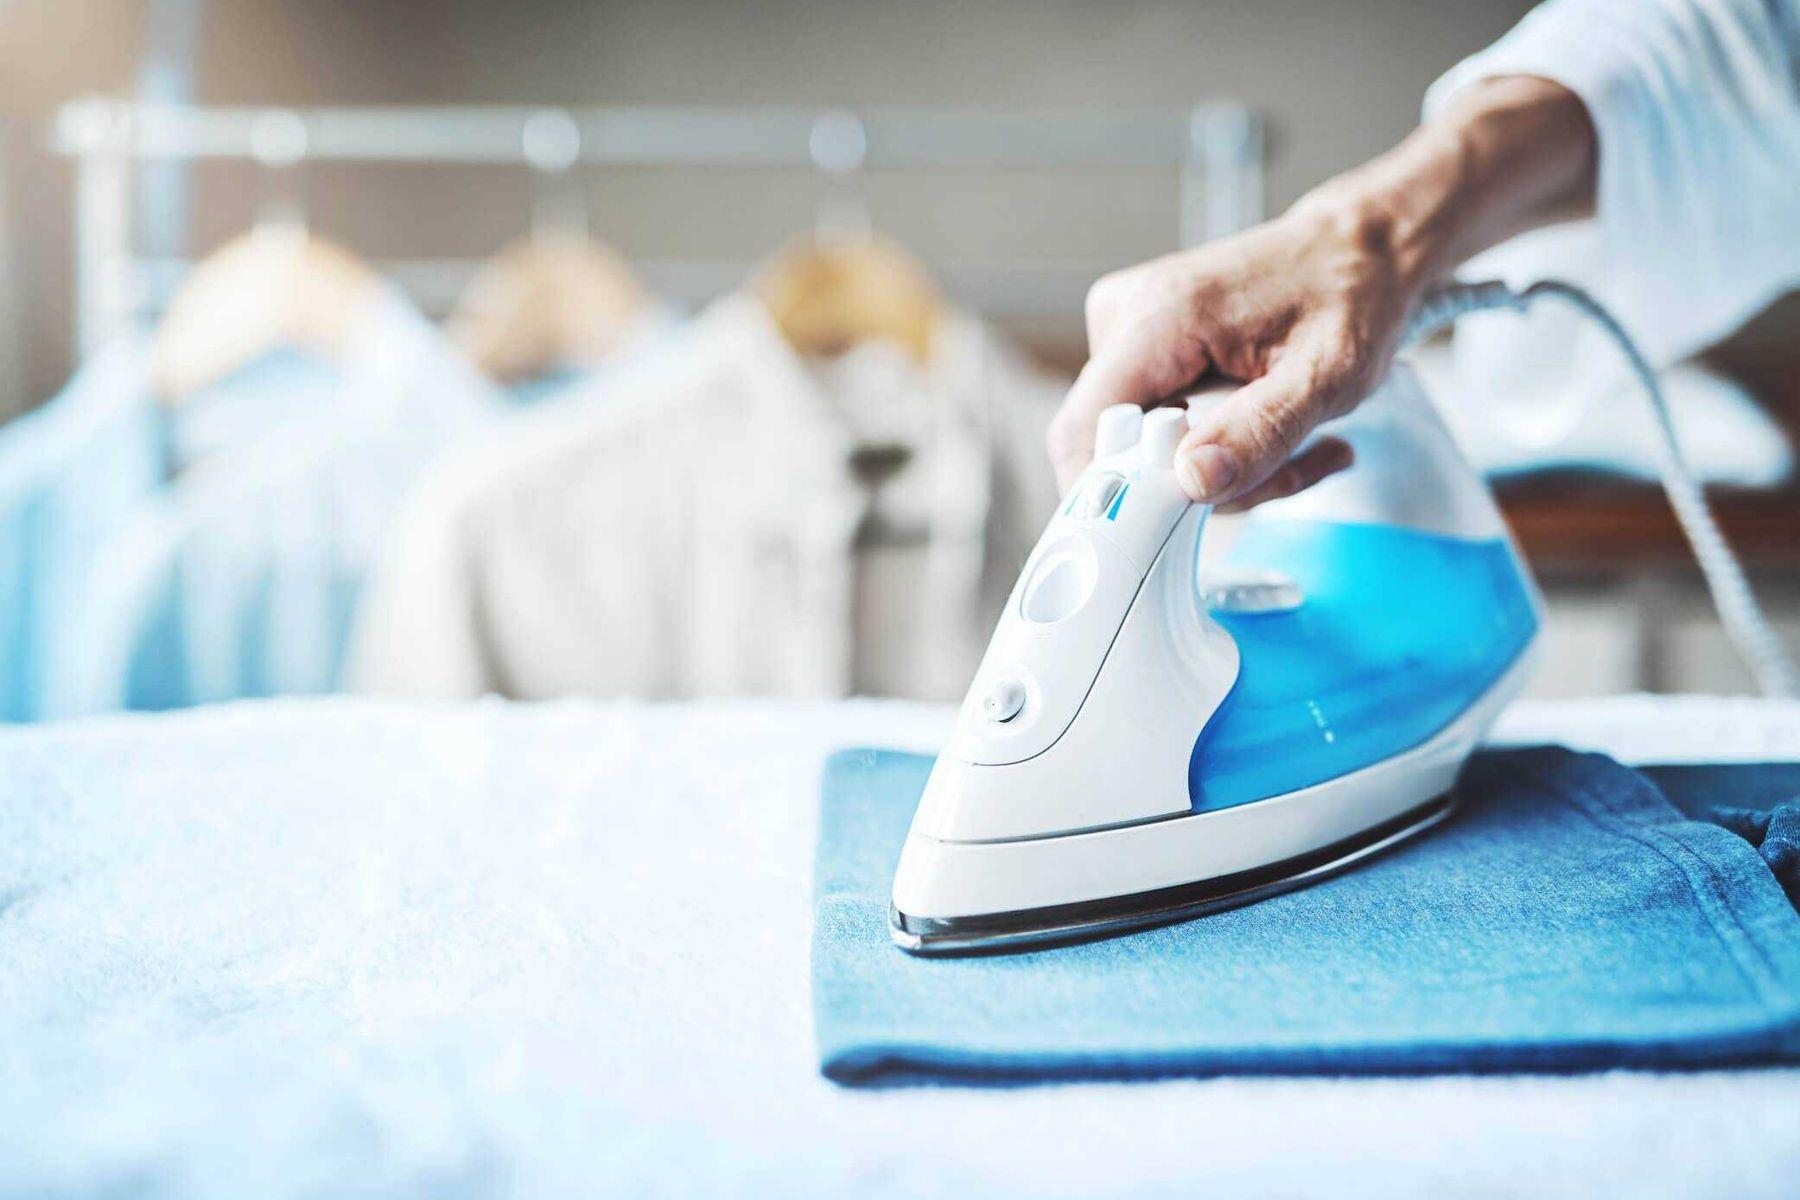 como-limpar-o-ferro-de-passar-roupa-passo-a-passo